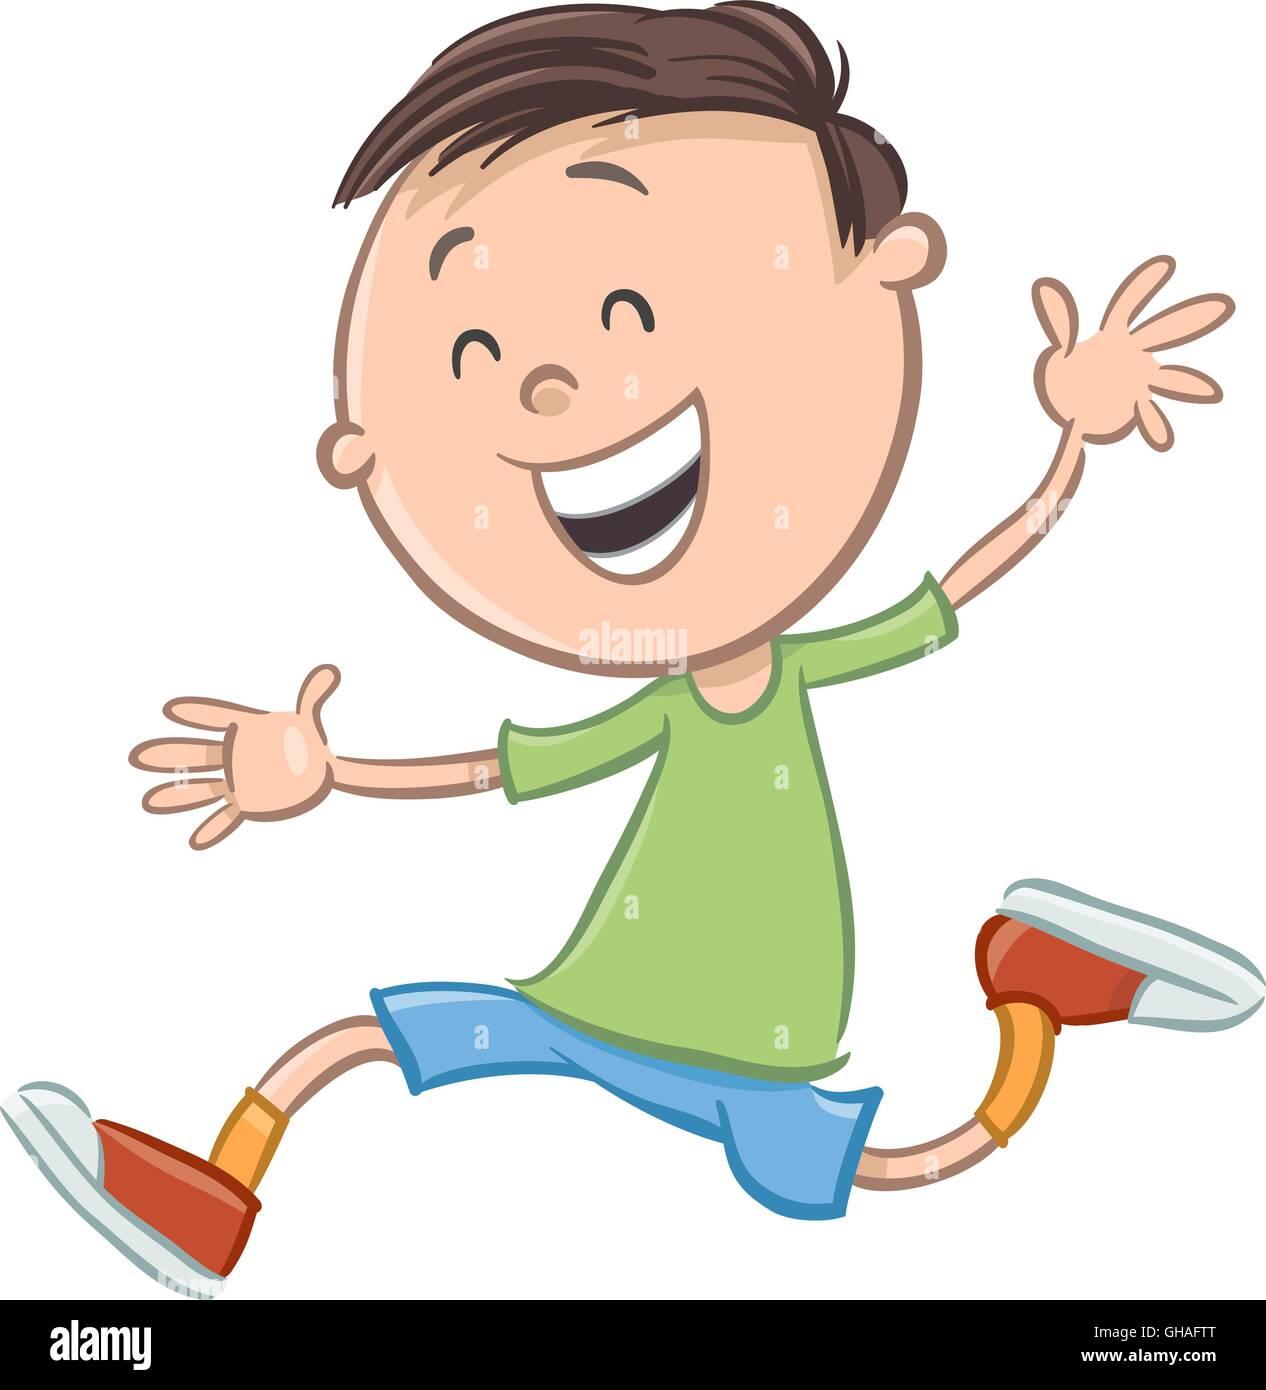 Ilustración De Dibujos Animados De Feliz Preescolar O De Edad